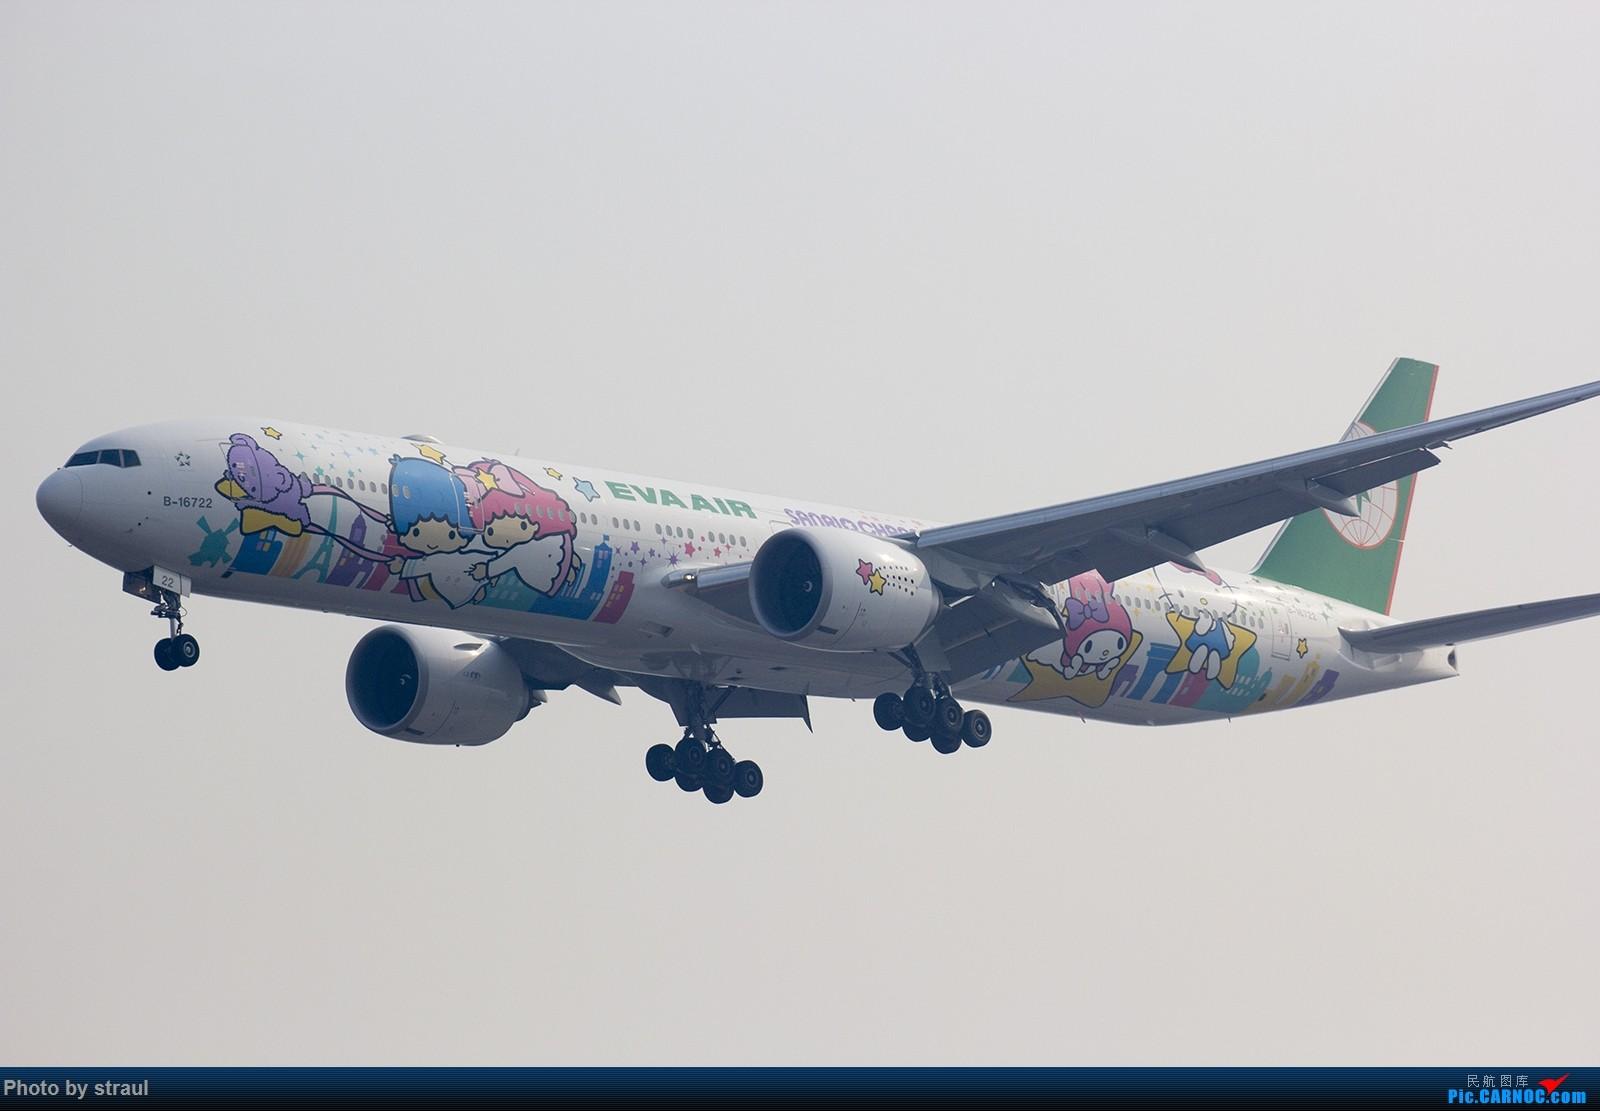 [原创]「好几张图」长荣喵机之星空(B-16722)今日来到了北京 BOEING 777-300ER B-16722 中国北京首都国际机场